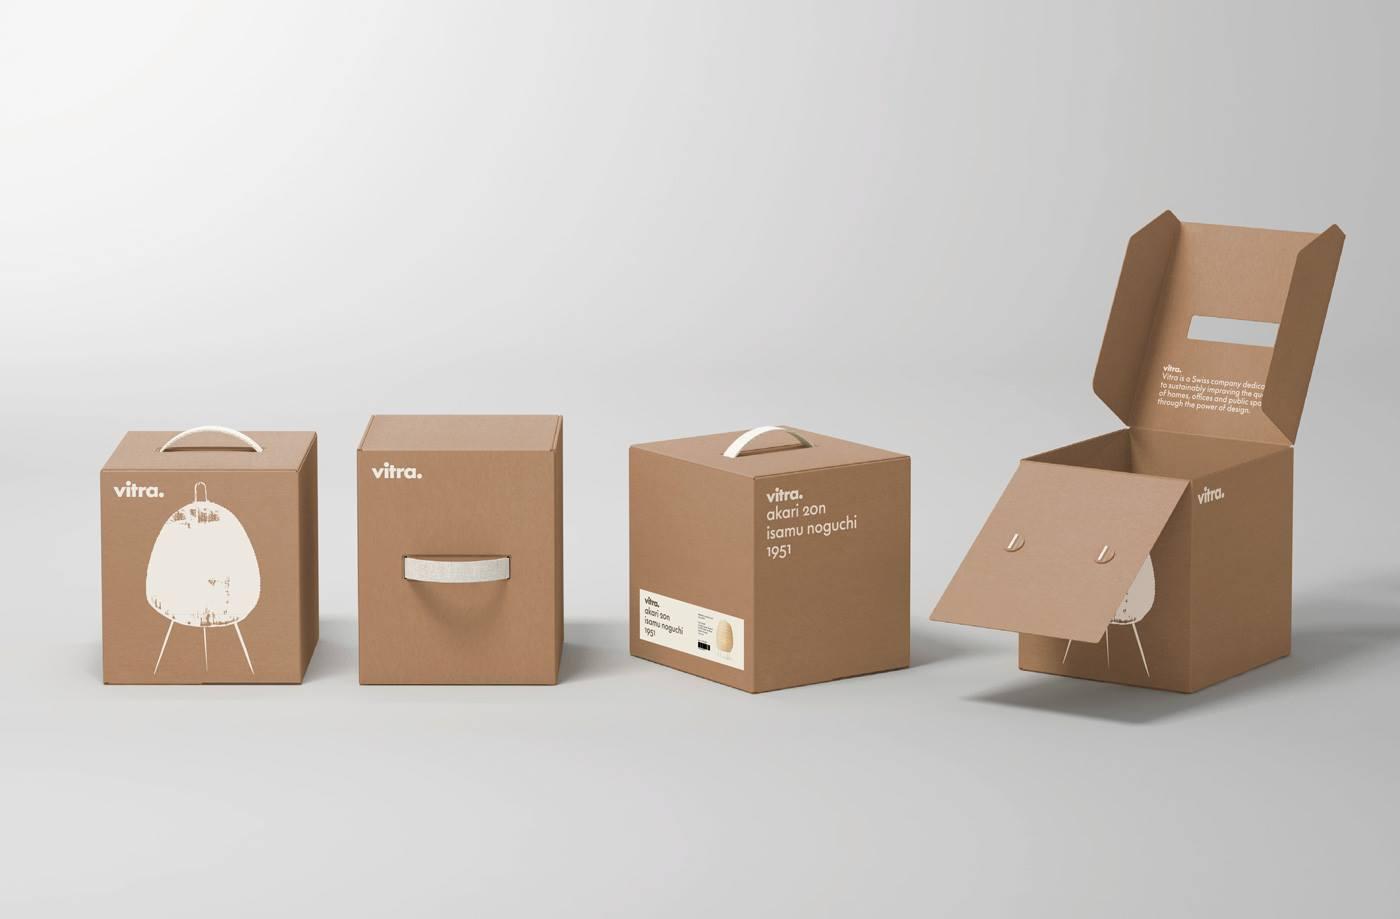 In hộp giấy đựng cốc, hộp giấy đựng cốc đẹp và giá rẻ